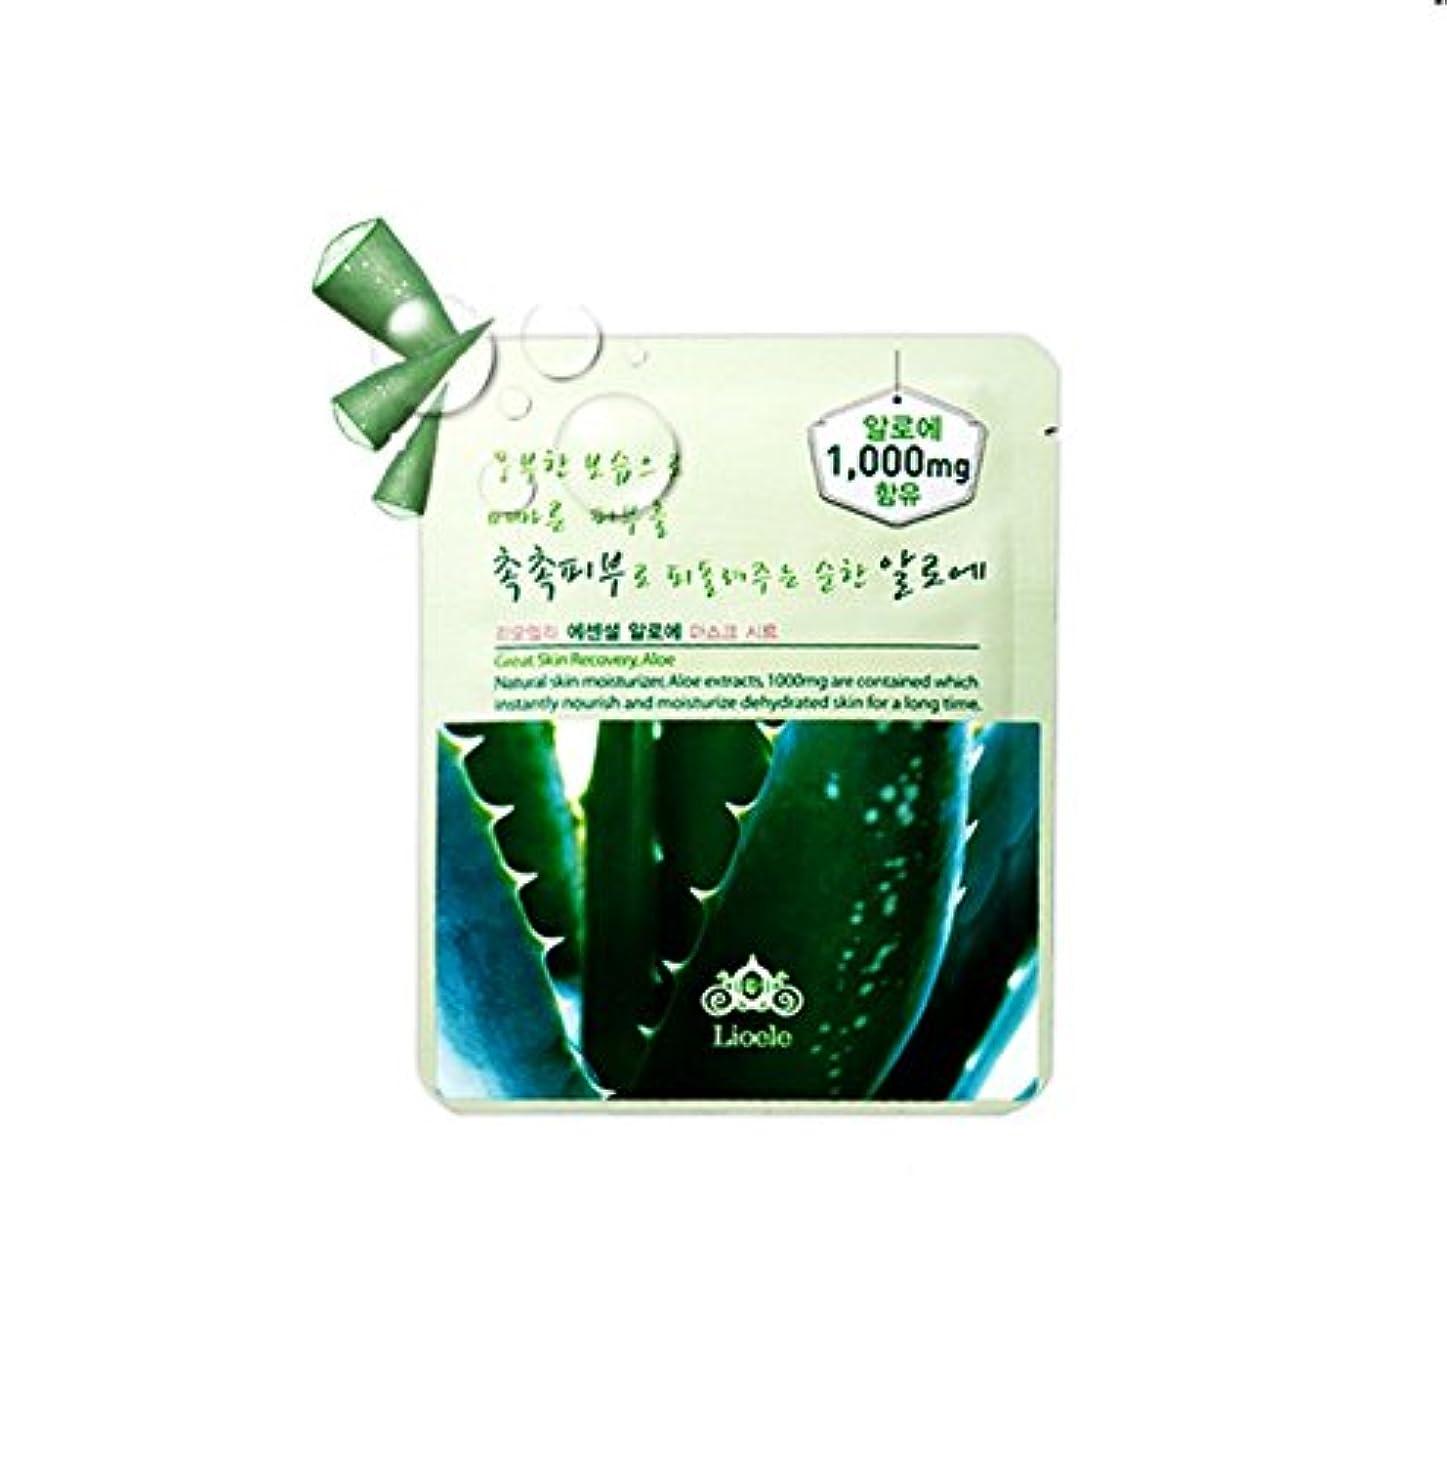 放出スパークインペリアルLioele (リオエリ) エッセンシャル マスク シート / Essential Mask Sheet (アロエ (Aloe Mask Sheet)) [並行輸入品]